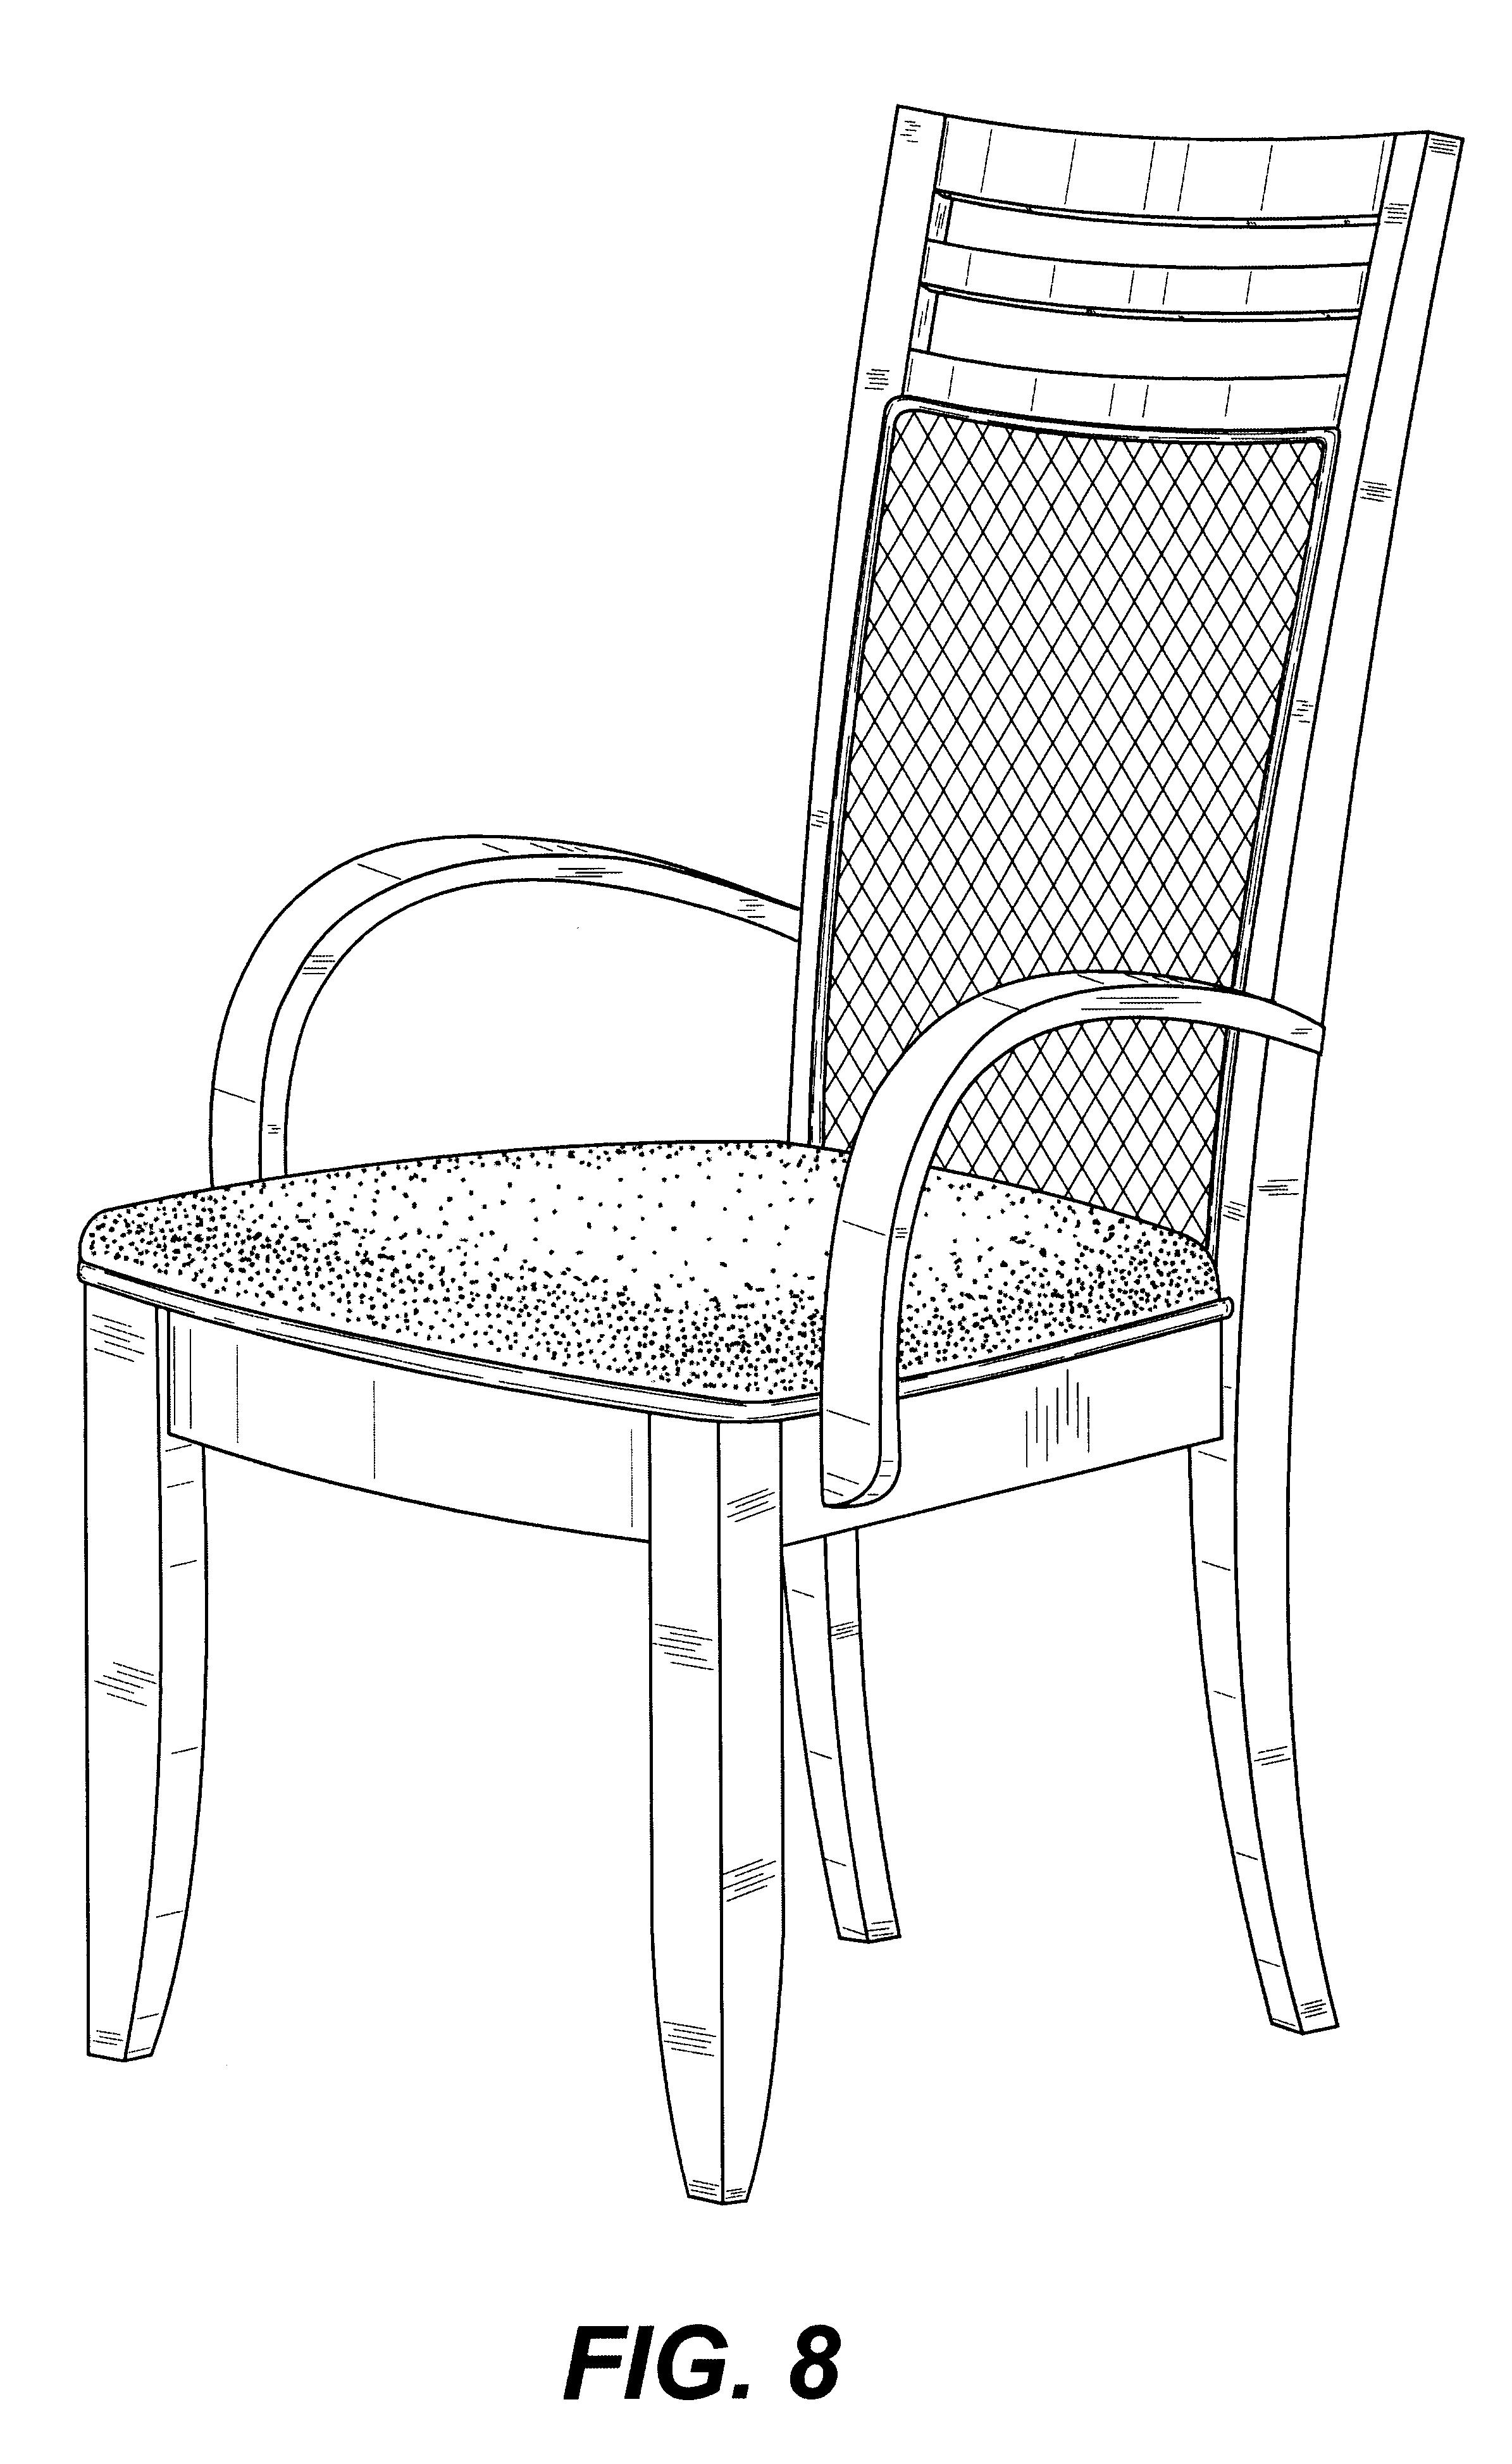 家具 简笔画 手绘 线稿 椅 椅子 2390_3895 竖版 竖屏